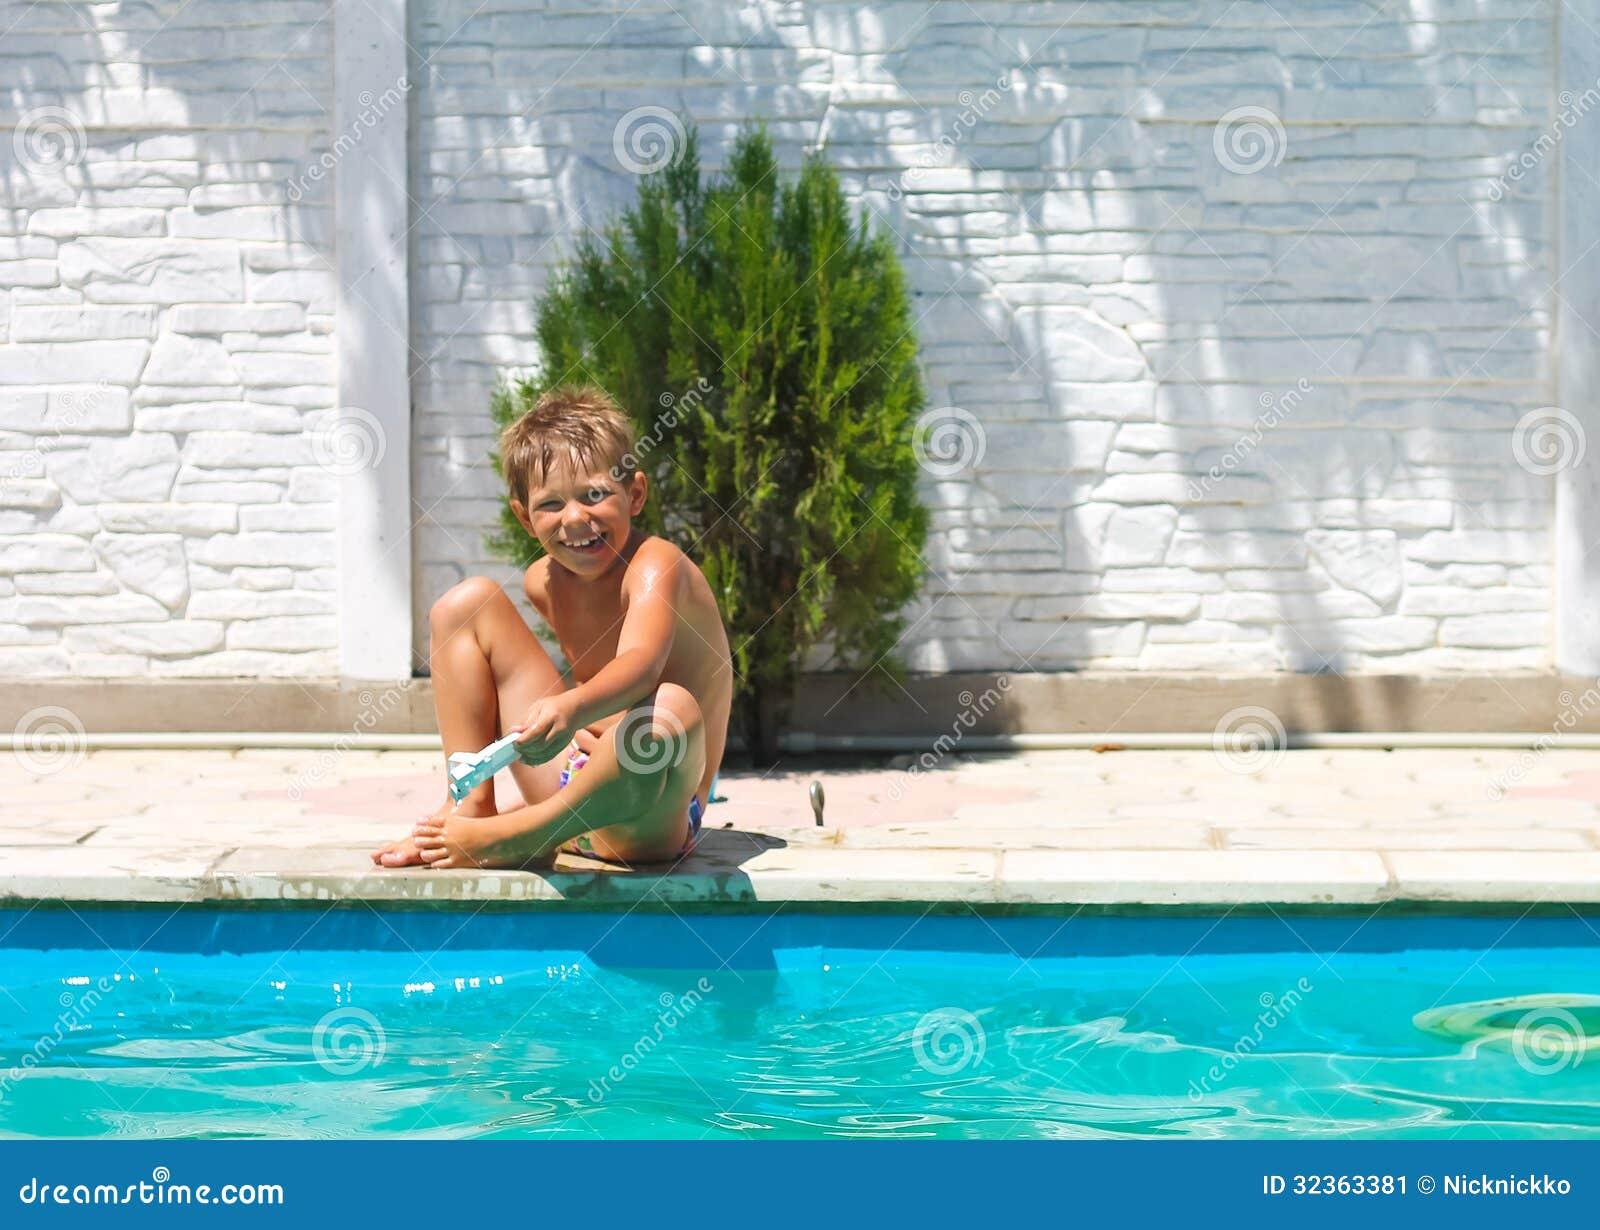 Мальчик сидит около бассейна